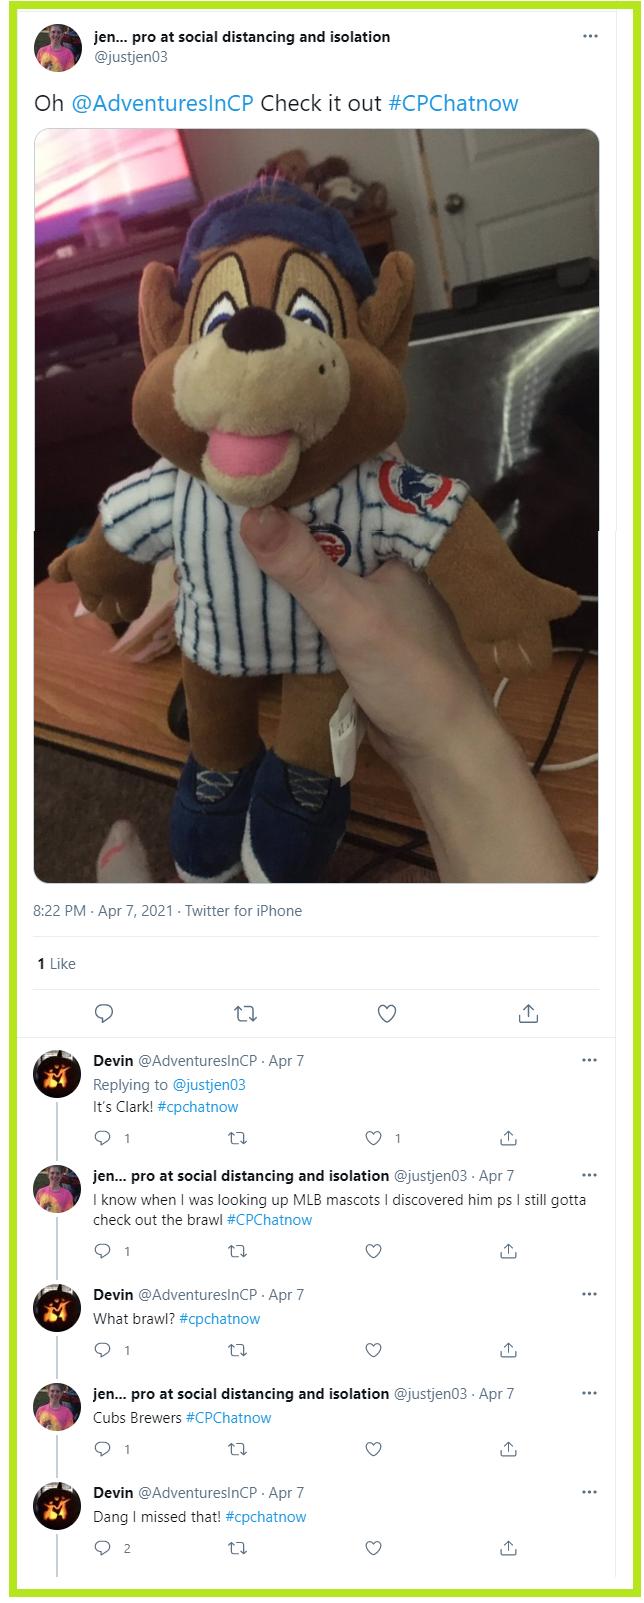 #CPChatNow regulars discuss baseball.